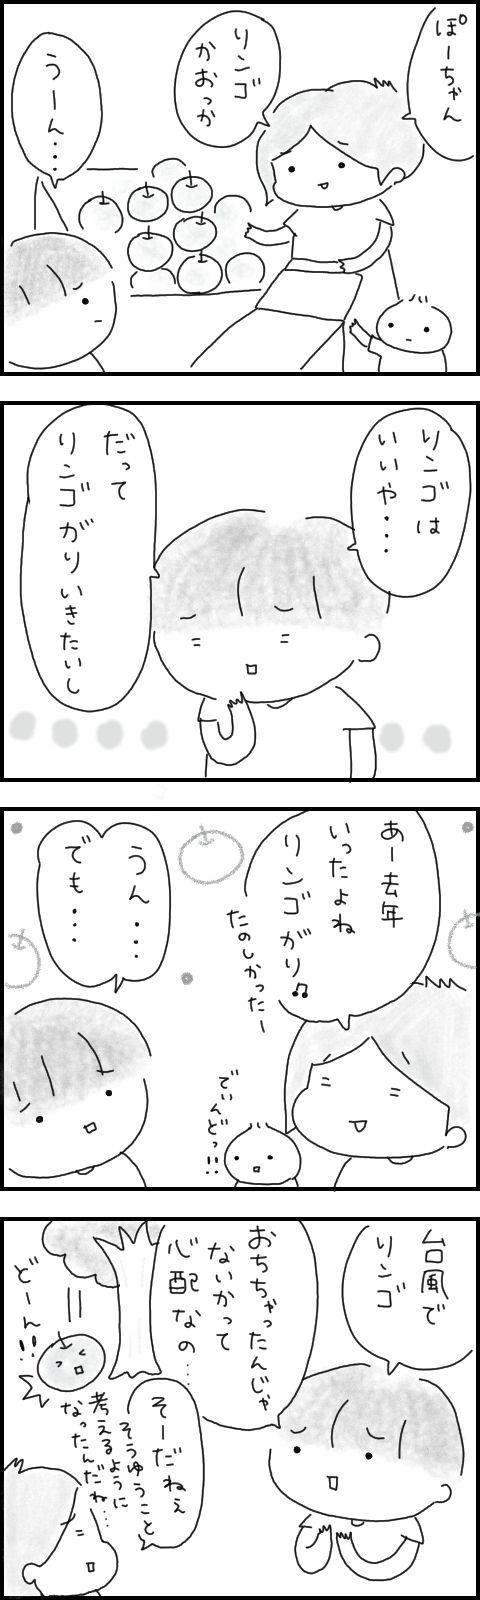 ぽーちゃんの心配事